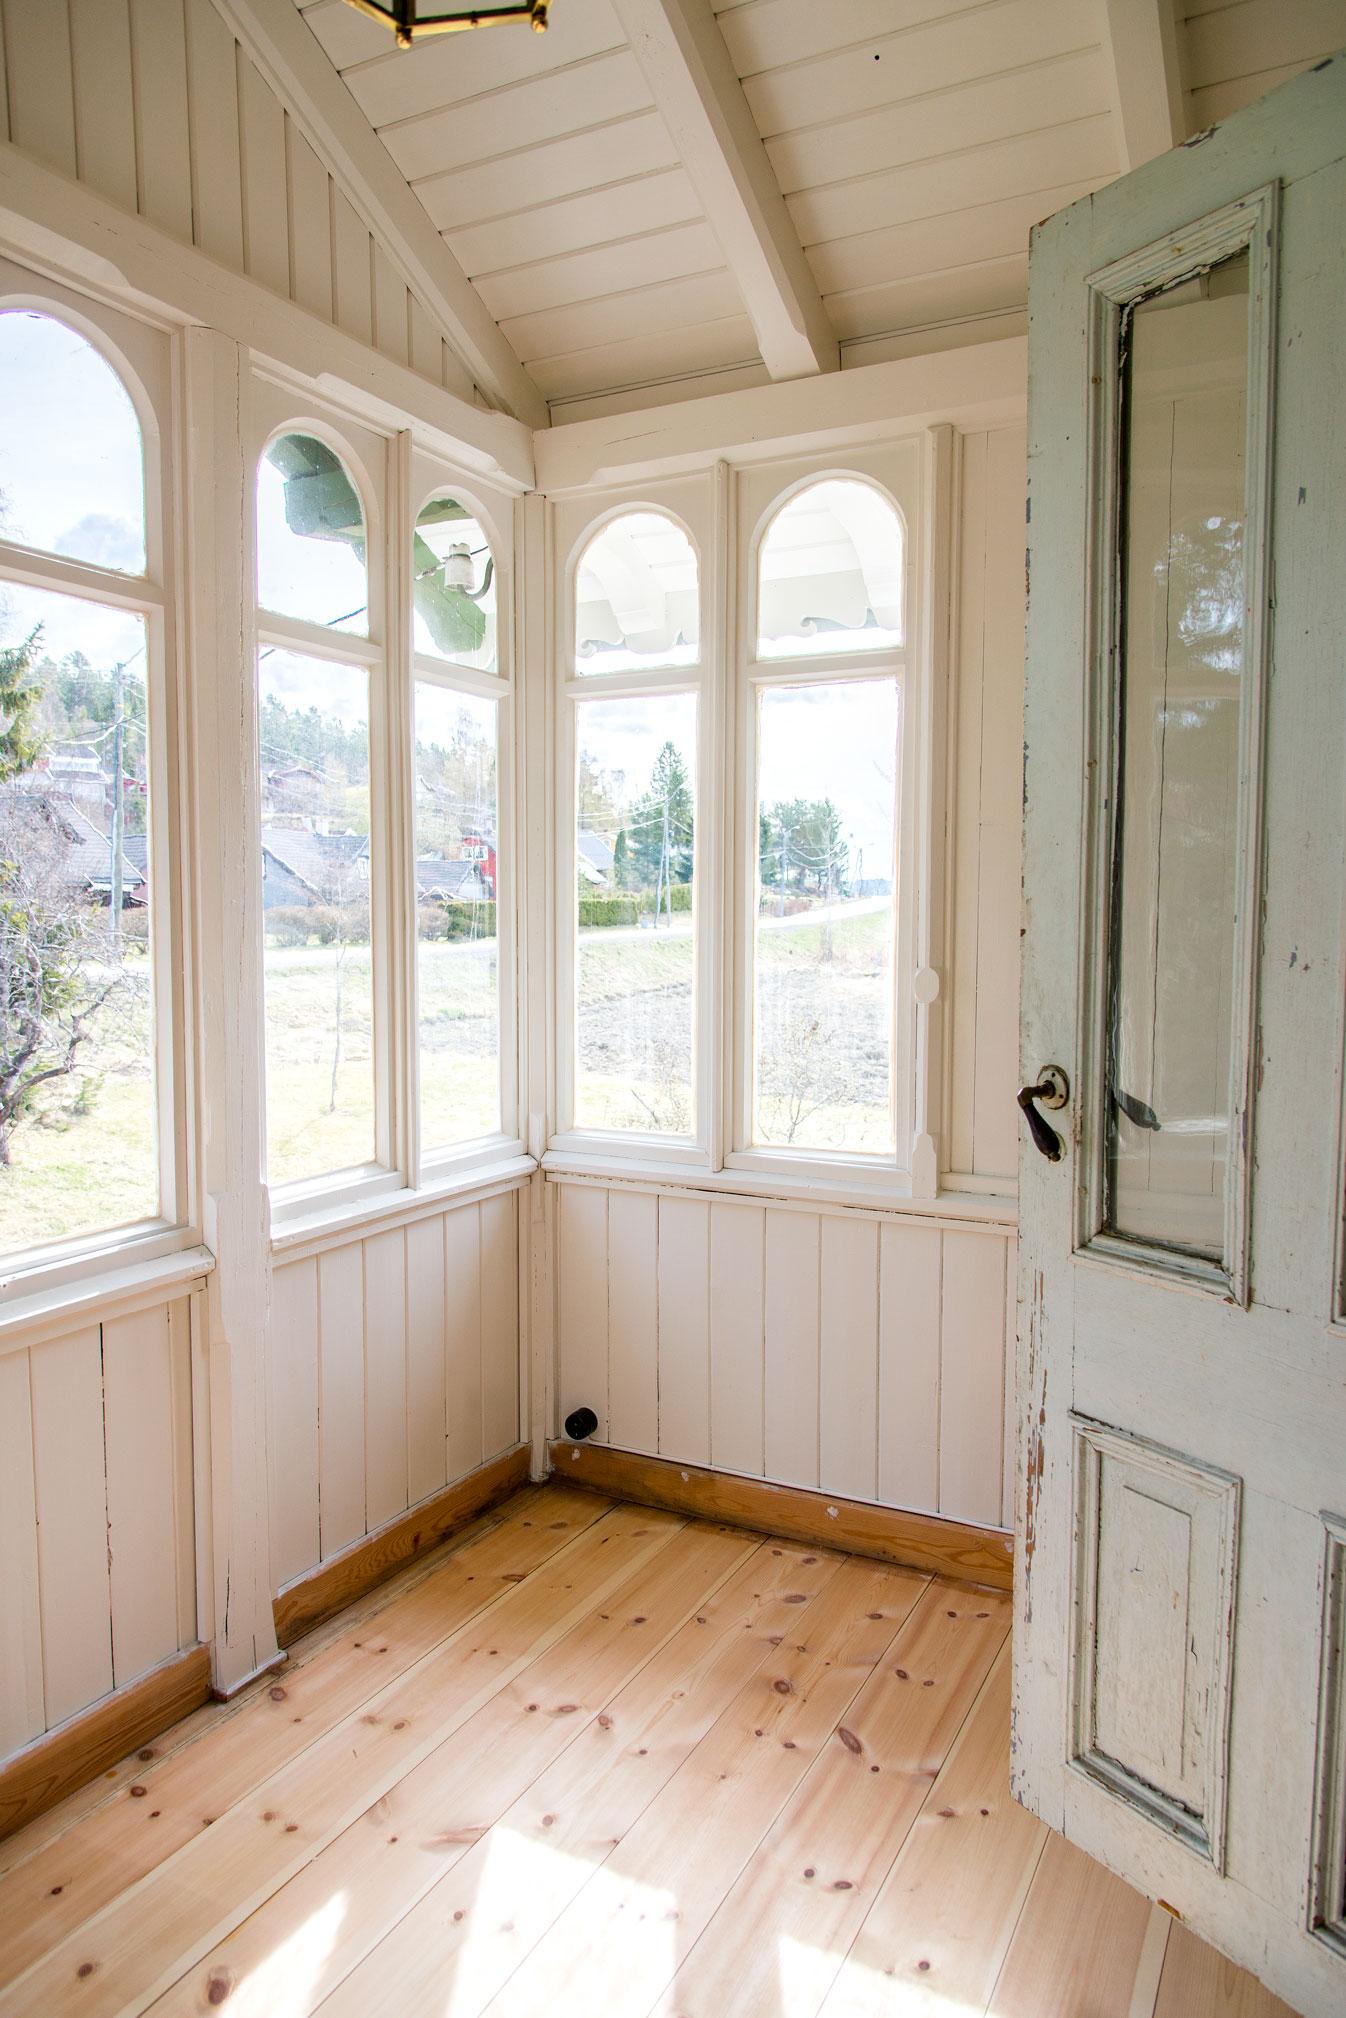 Andre etasje i den gamle delen. Interiøret er malt hvitt, slik det var vanlig før i tiden.